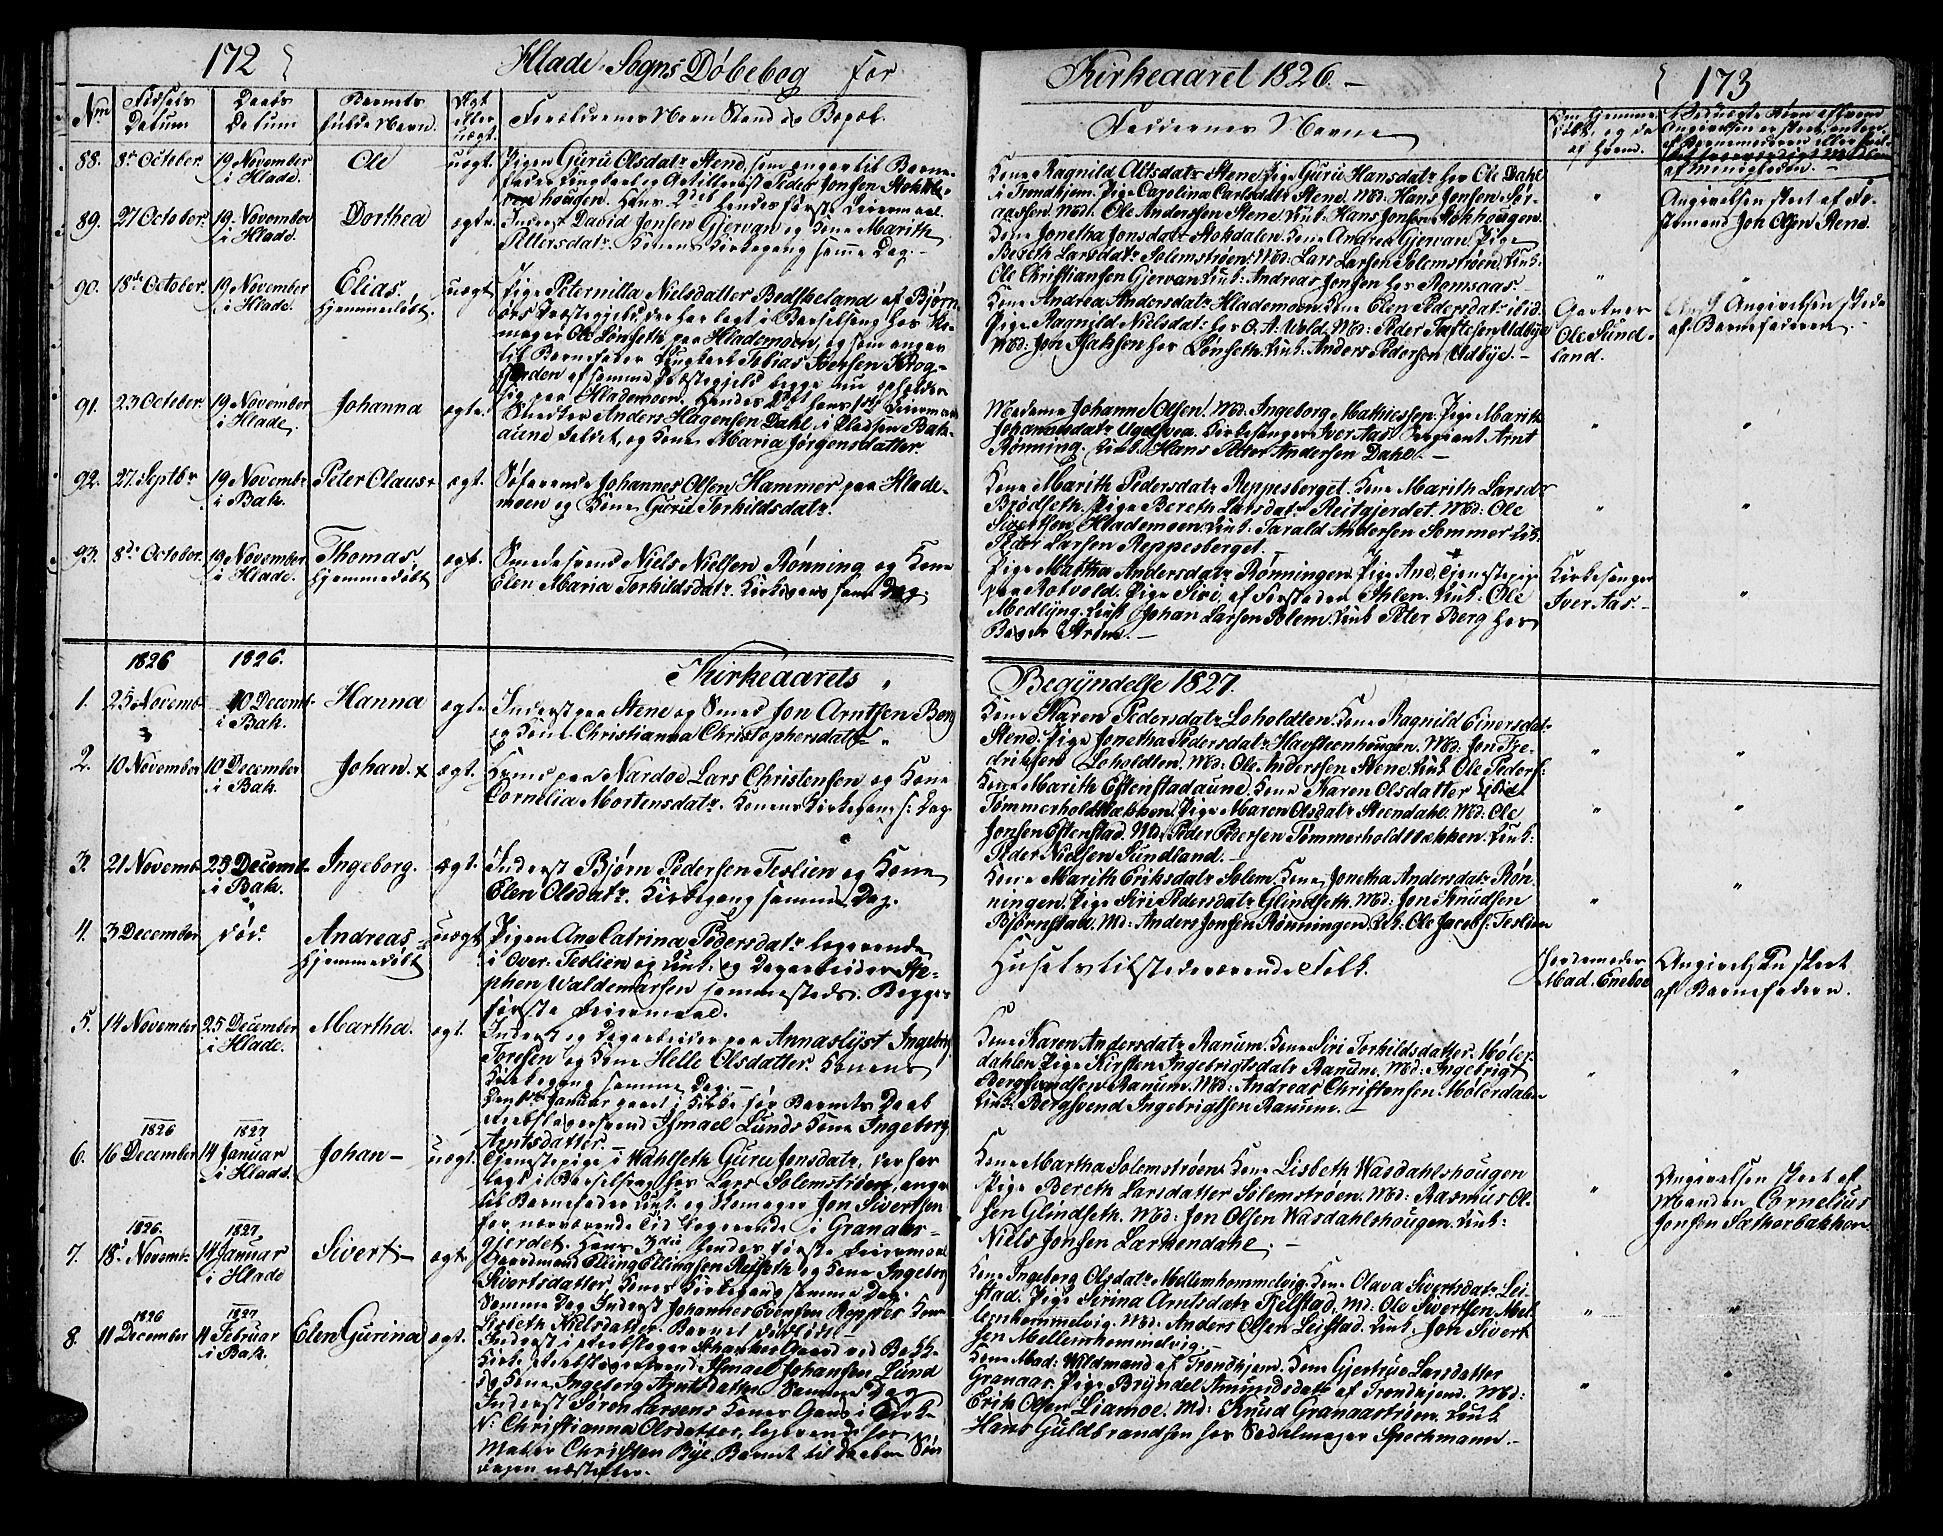 SAT, Ministerialprotokoller, klokkerbøker og fødselsregistre - Sør-Trøndelag, 606/L0306: Klokkerbok nr. 606C02, 1797-1829, s. 172-173